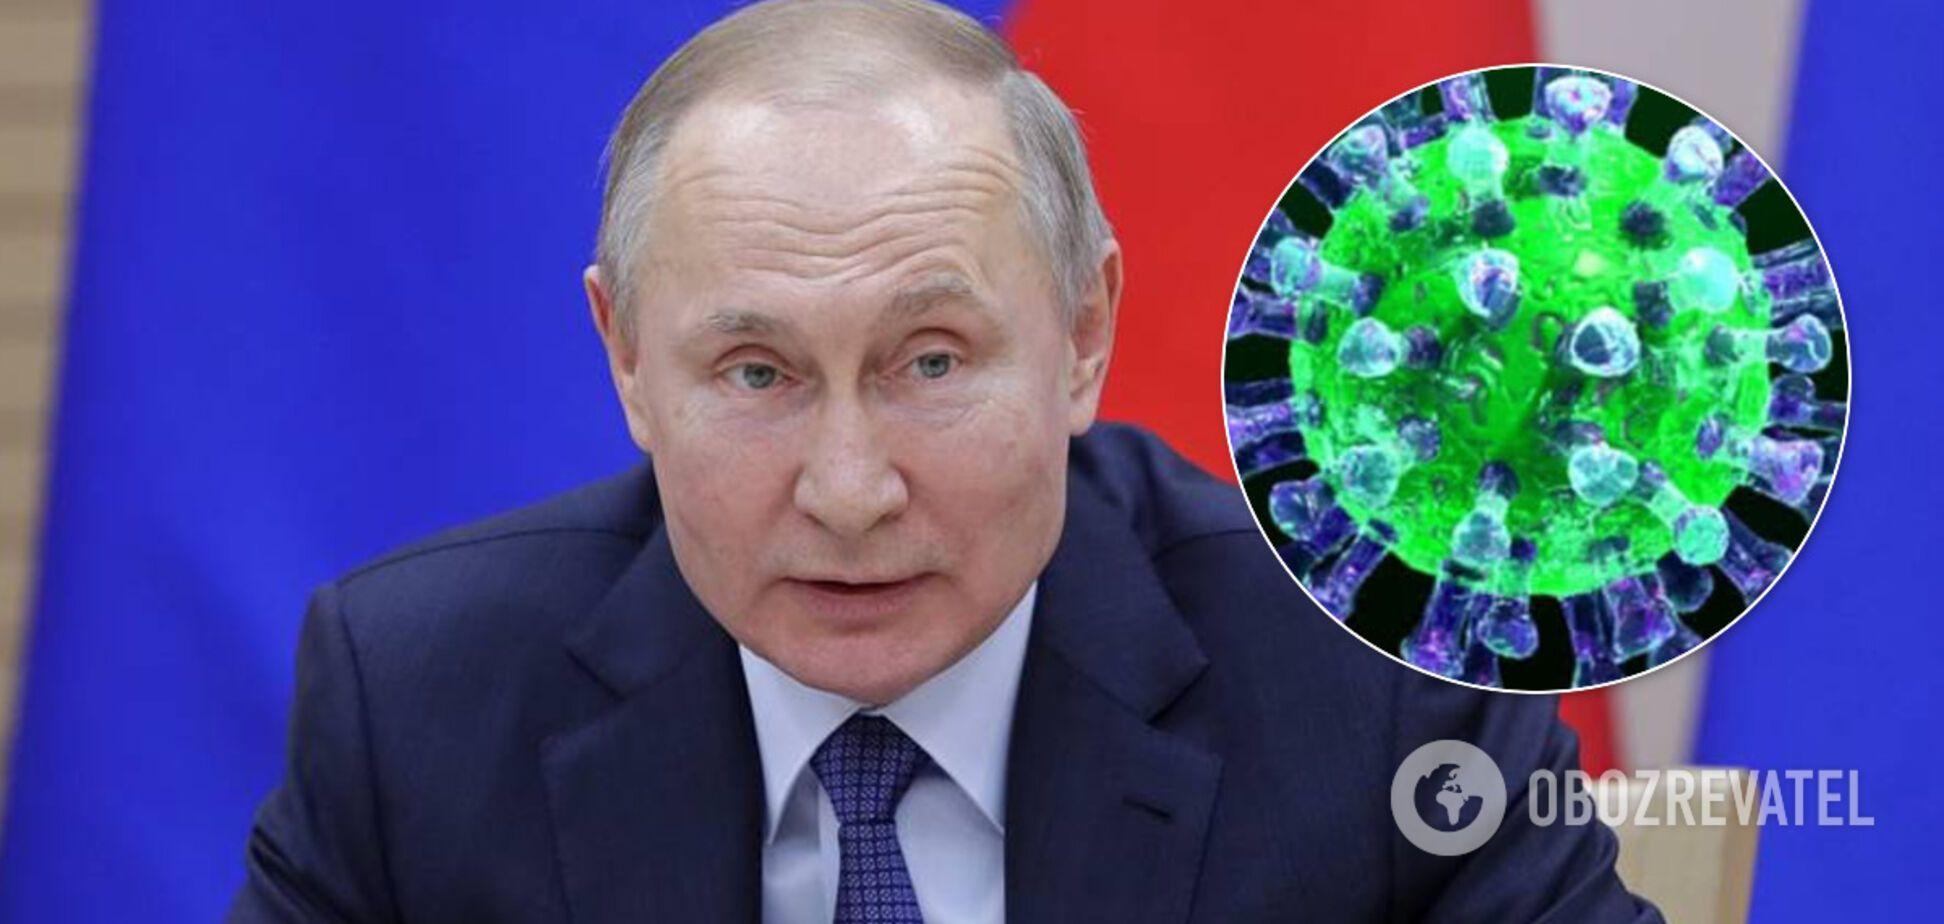 Илларионов заявил о 'чудовищной отсталости' РФ в борьбе с COVID-19